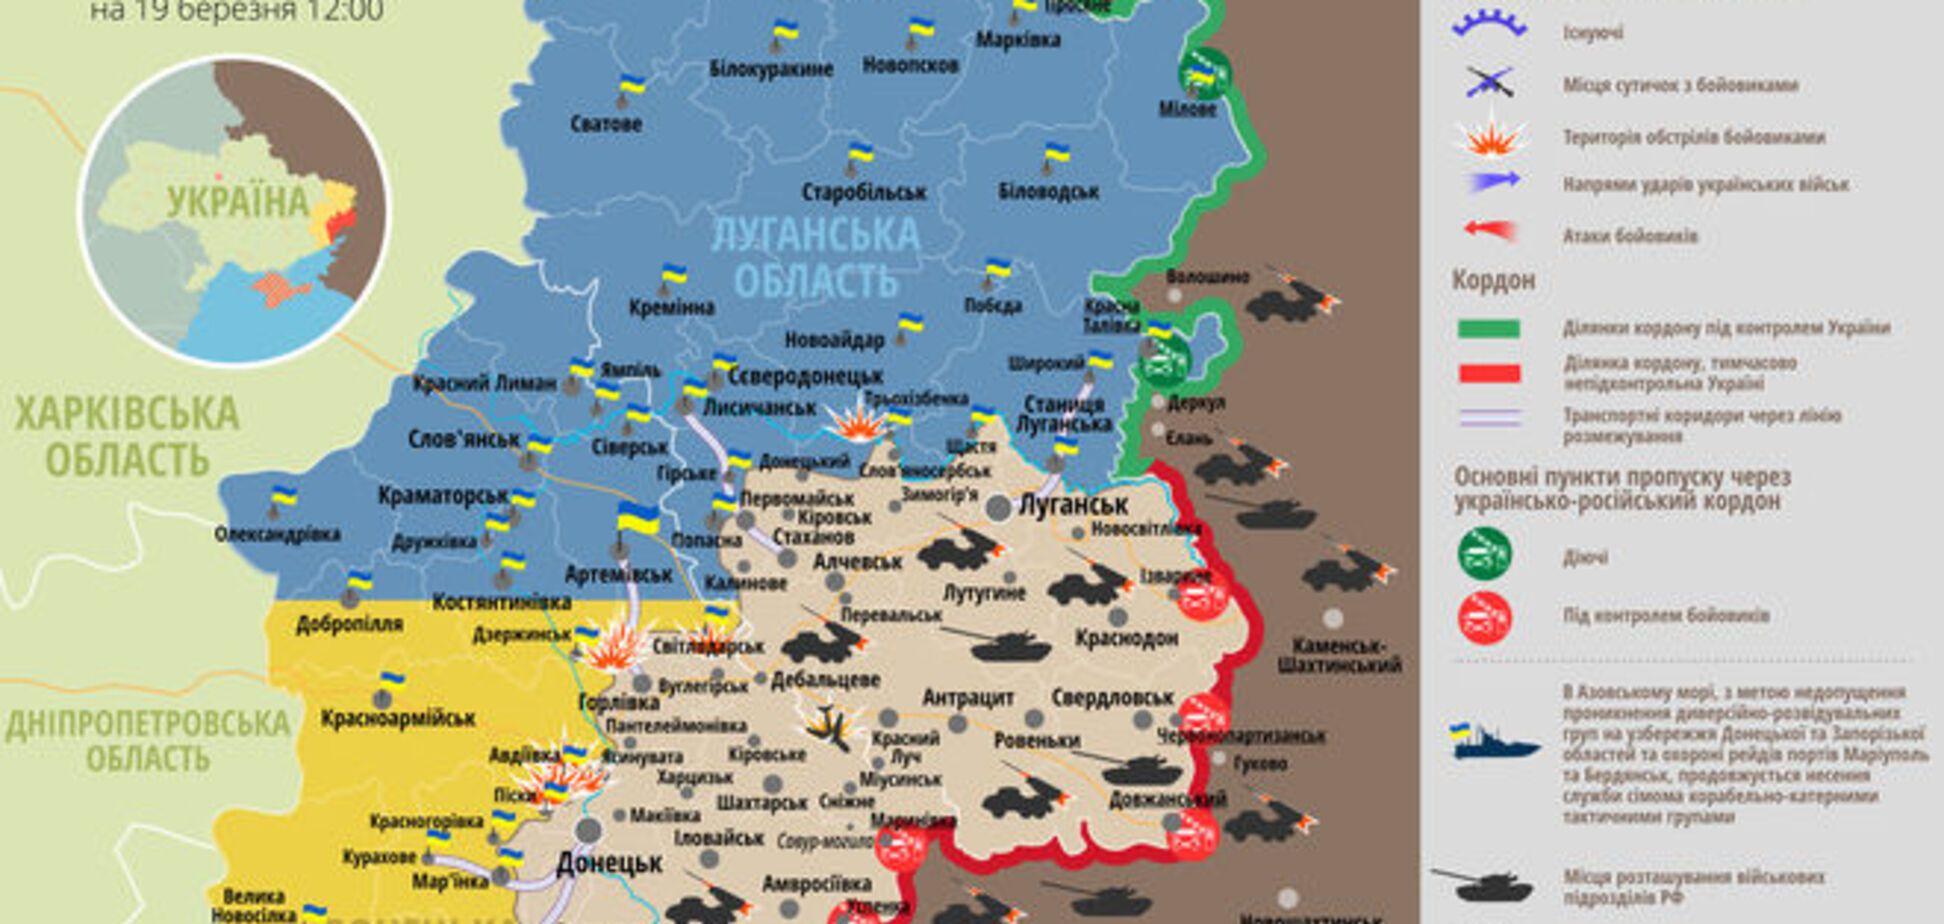 Российские военные активно готовят террористов к наступлению: карта АТО